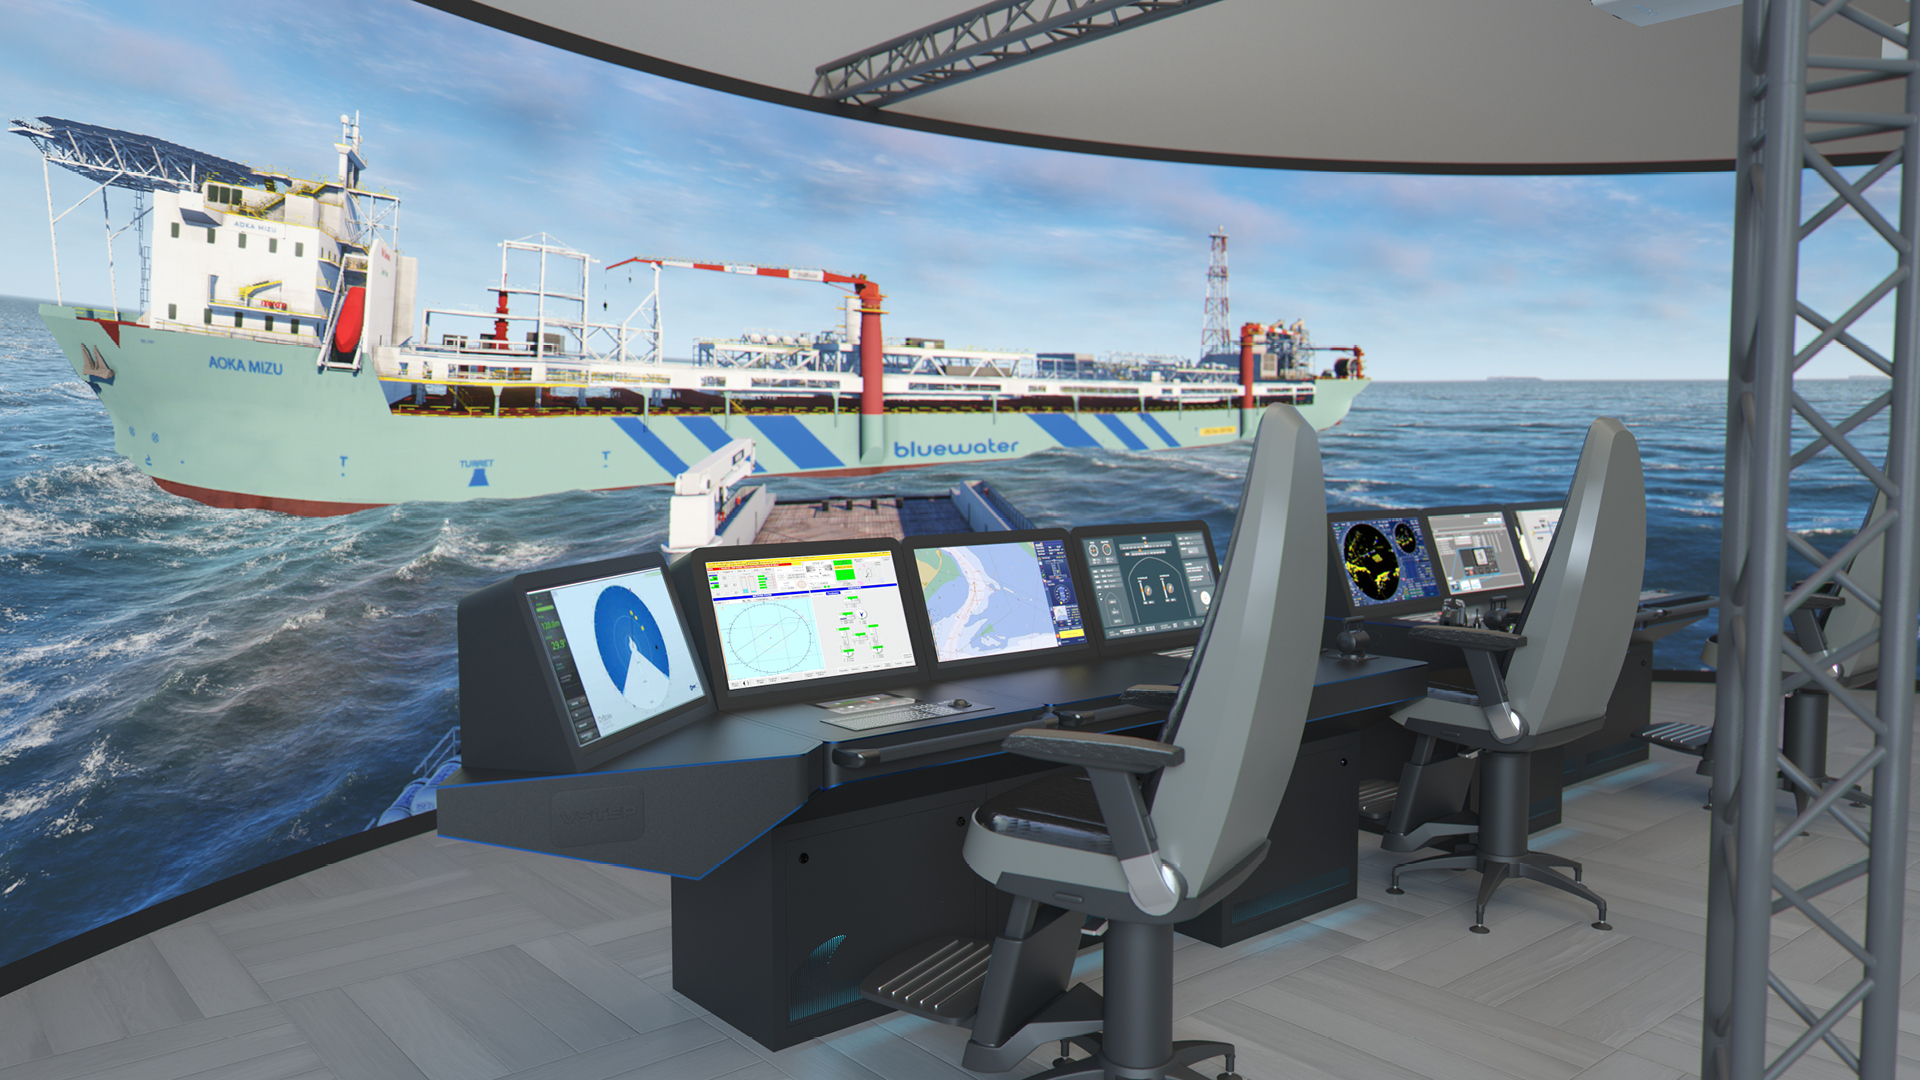 NAUTIS Maritime Simulator - Offshore